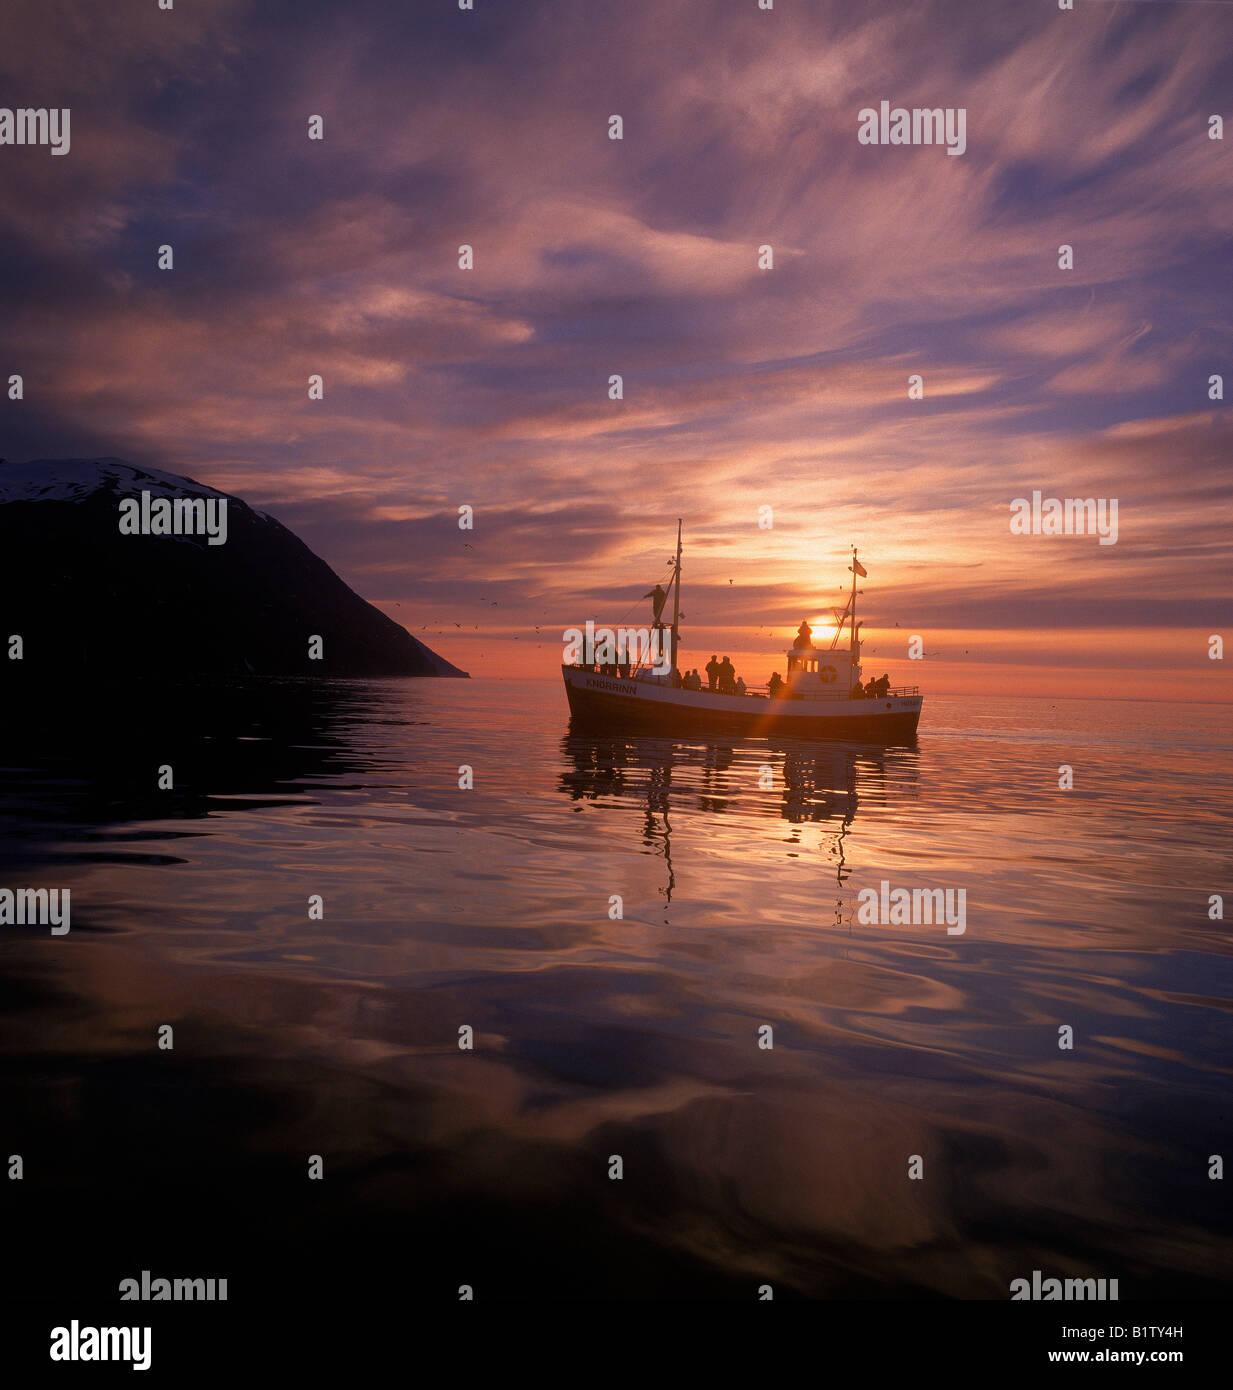 La chasse touristique sur bateau, Husavik, l'Islande Banque D'Images